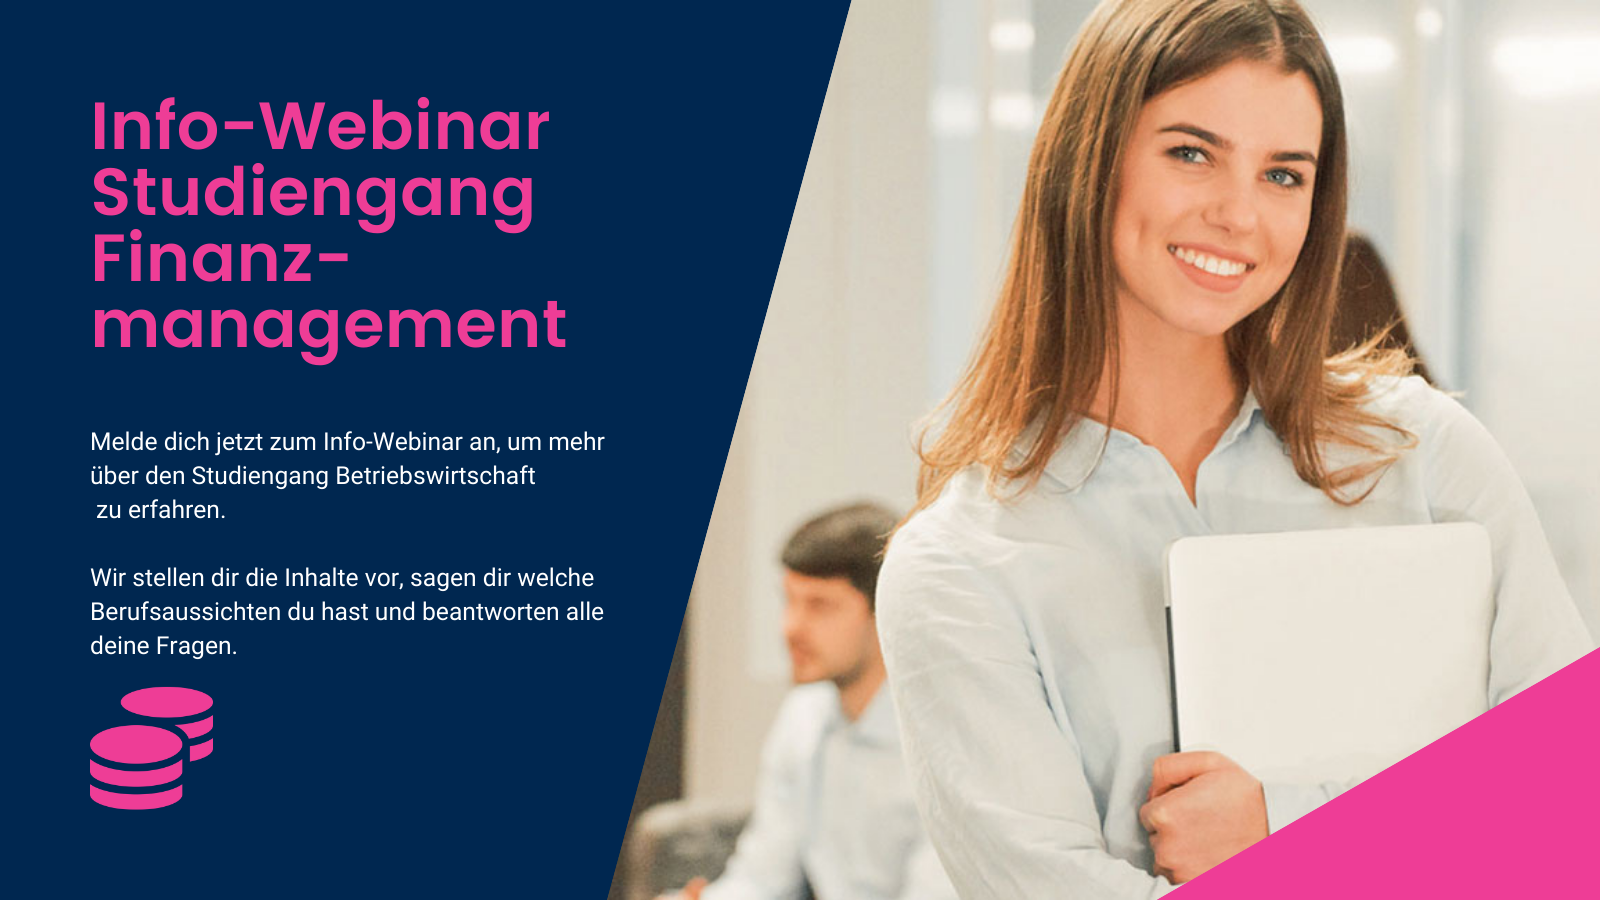 Infowebinar Finanzmanagement